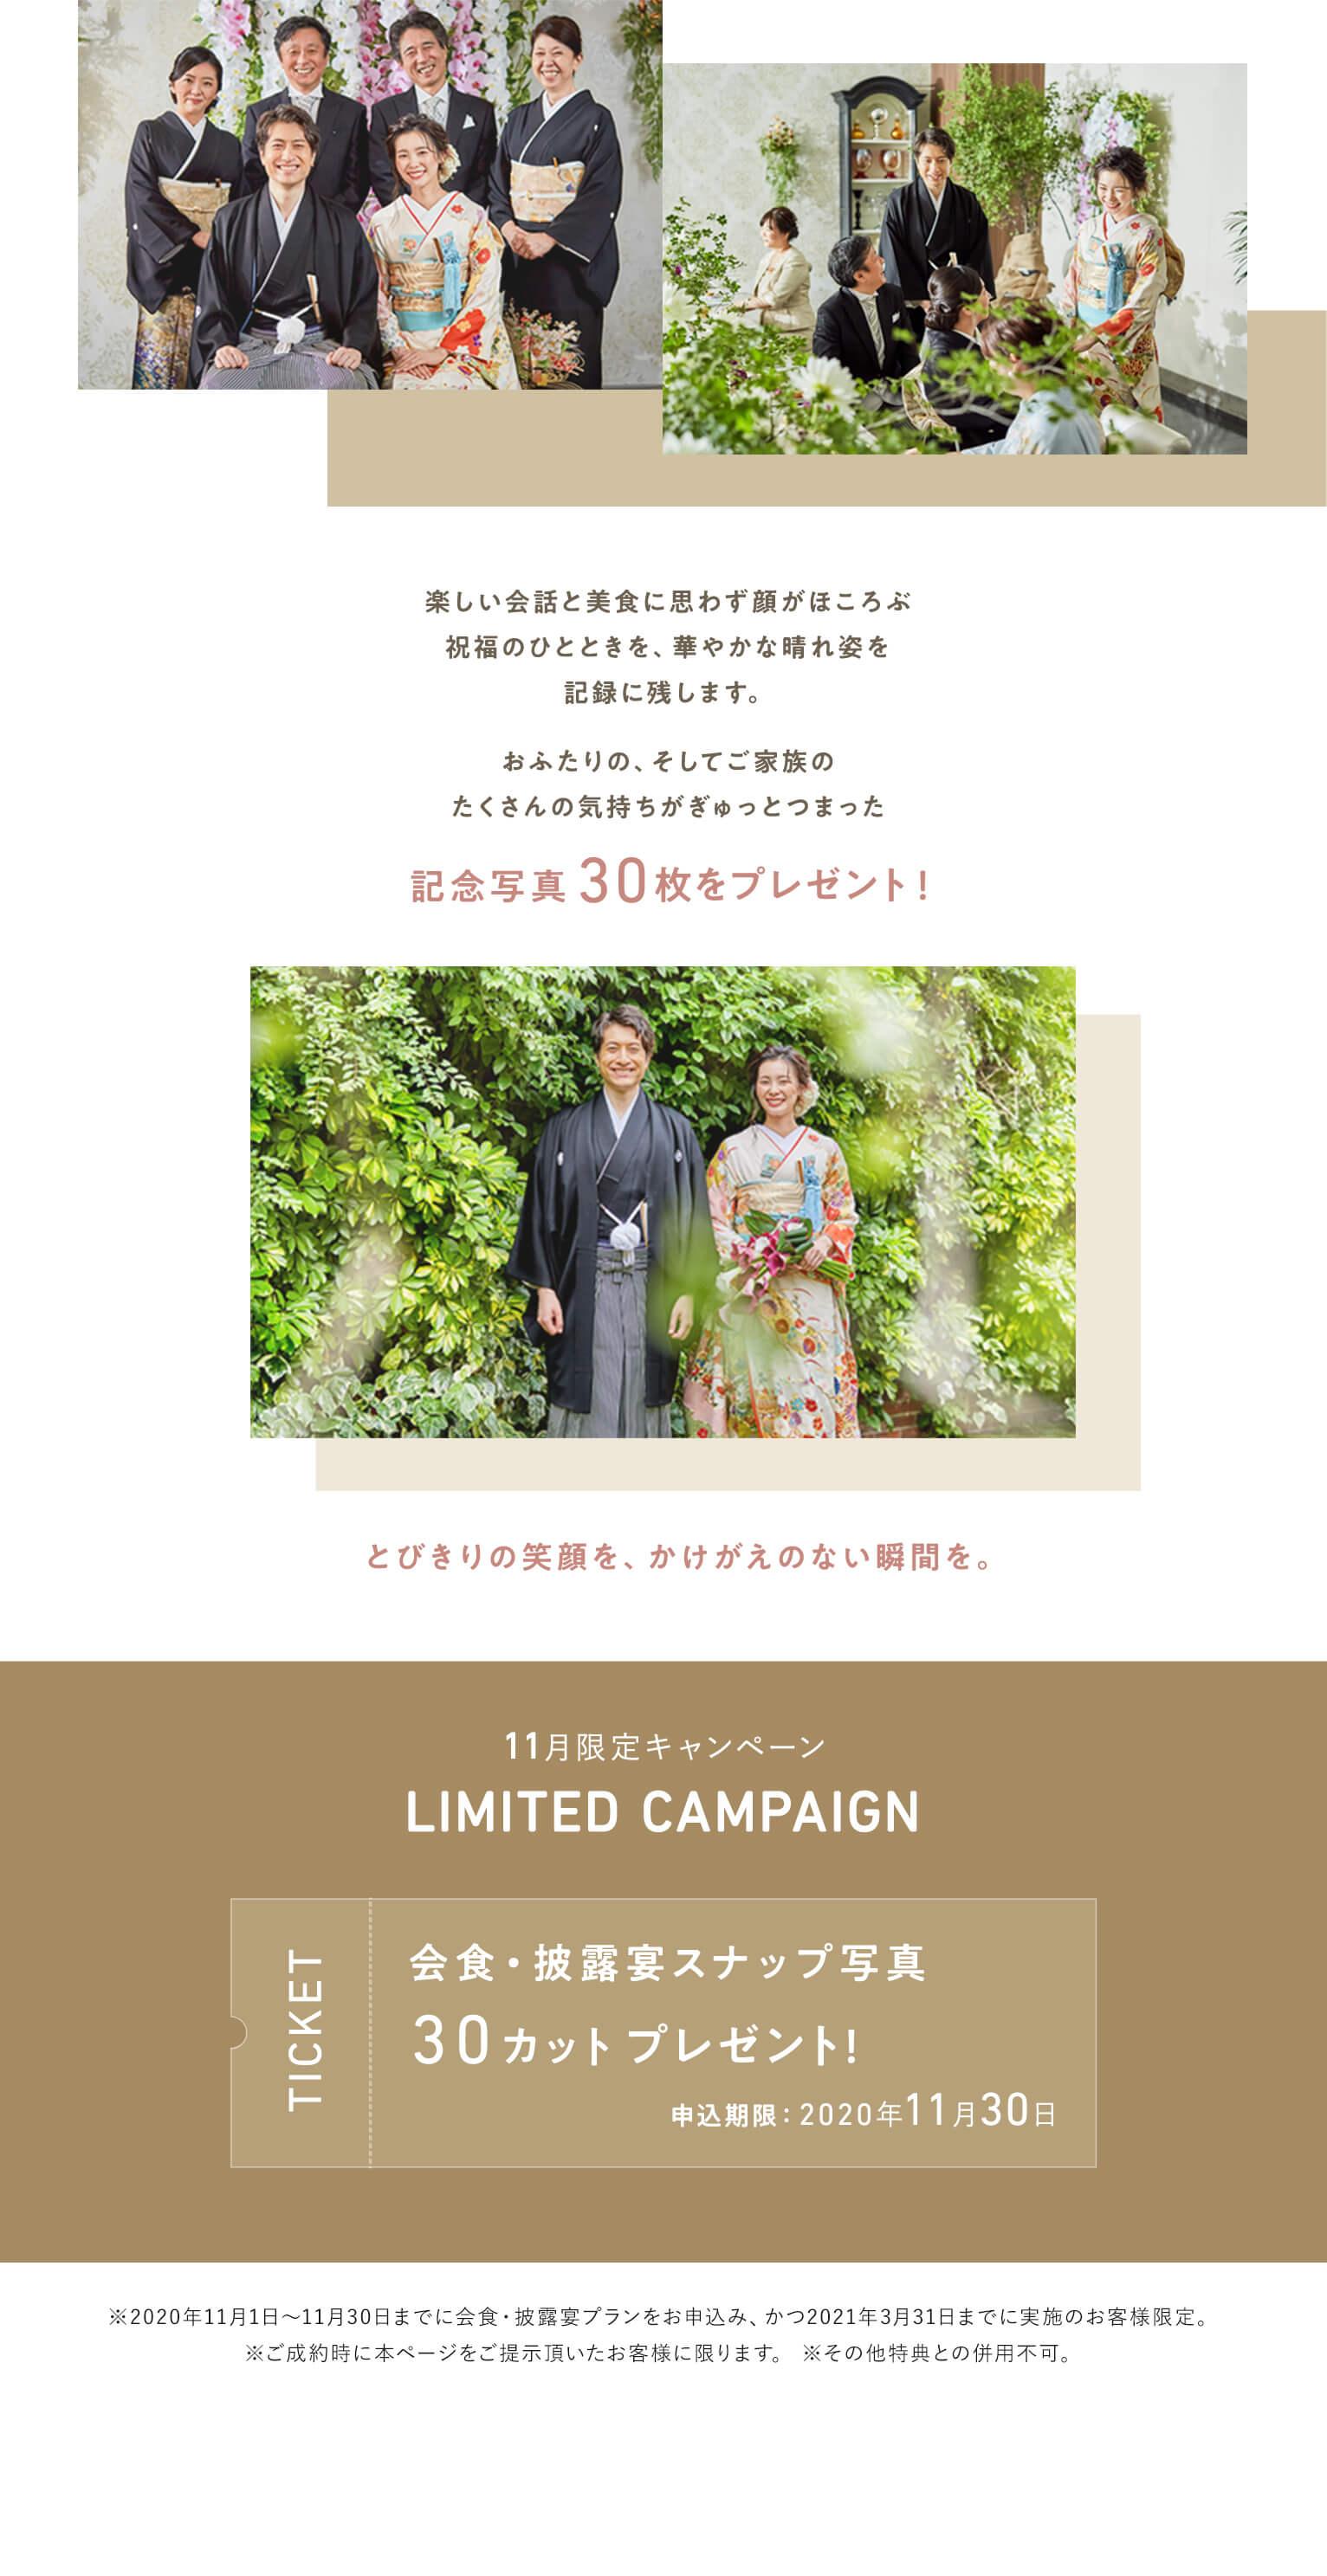 11月キャンペーン